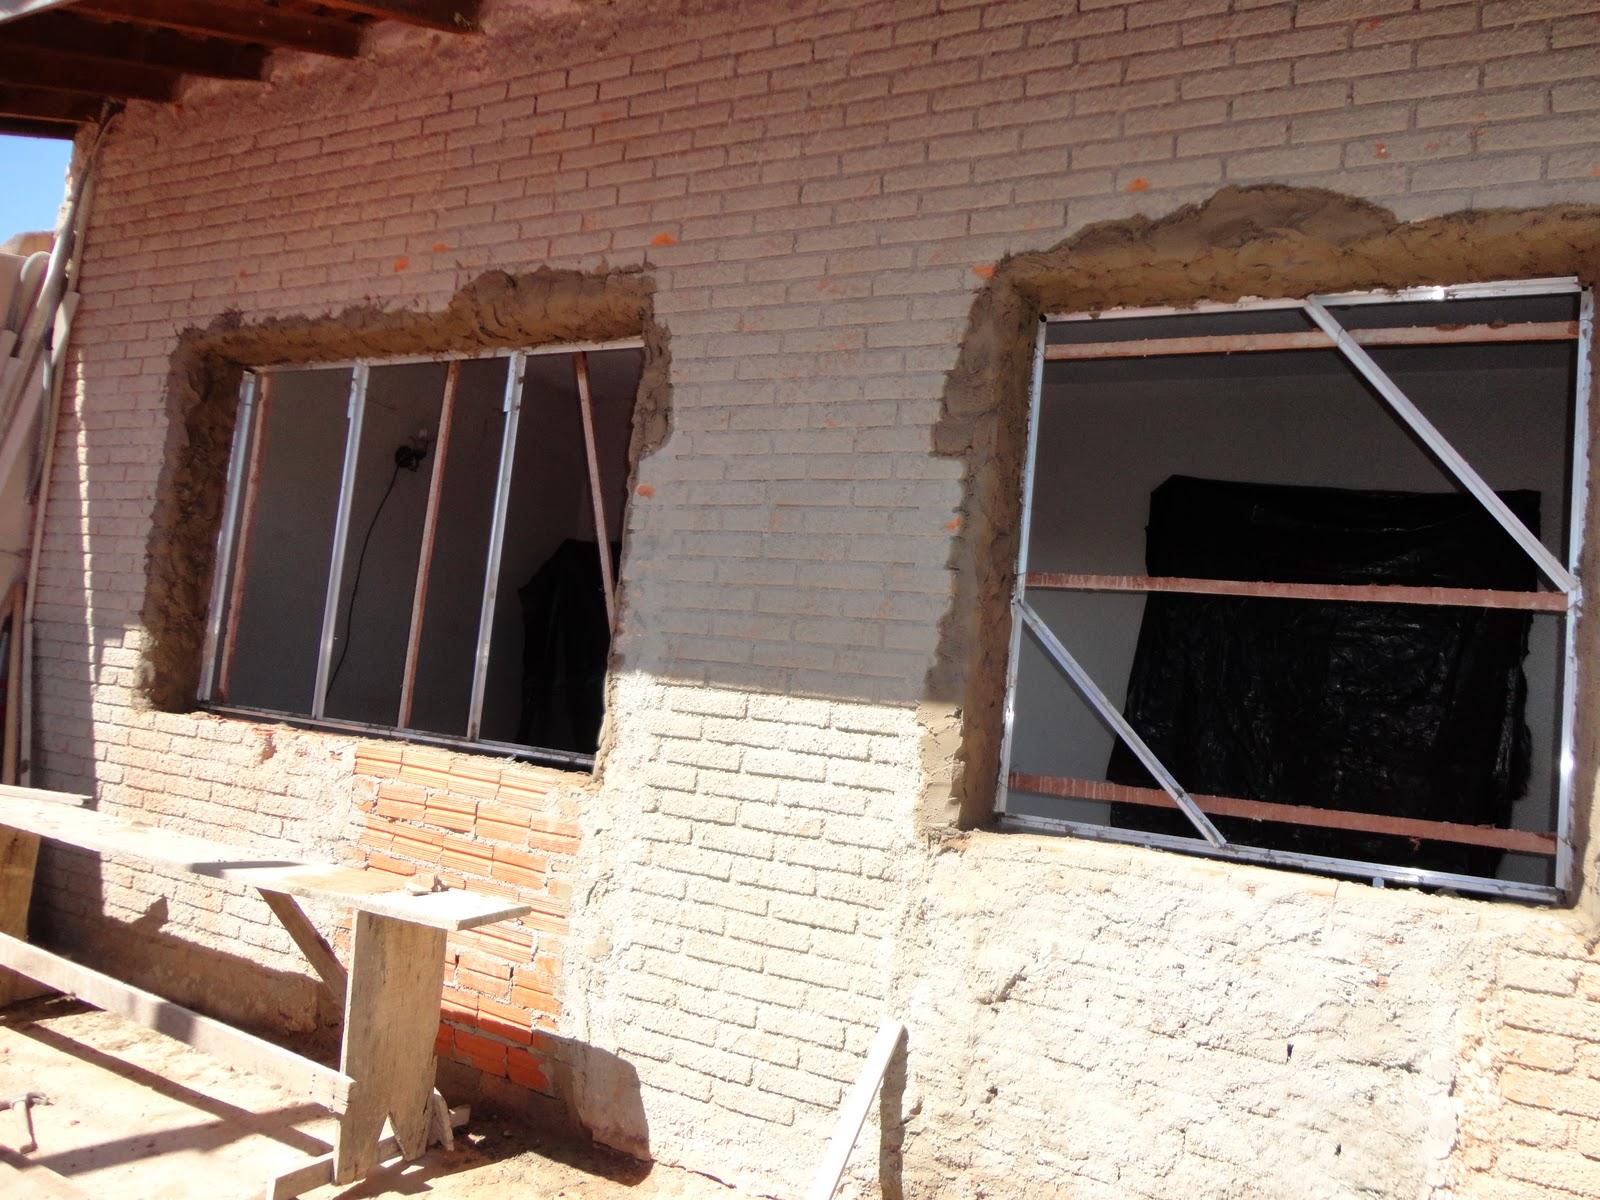 #196AB2 reforma de nossa casa 1430 Reforma De Janelas De Aluminio Em Bh